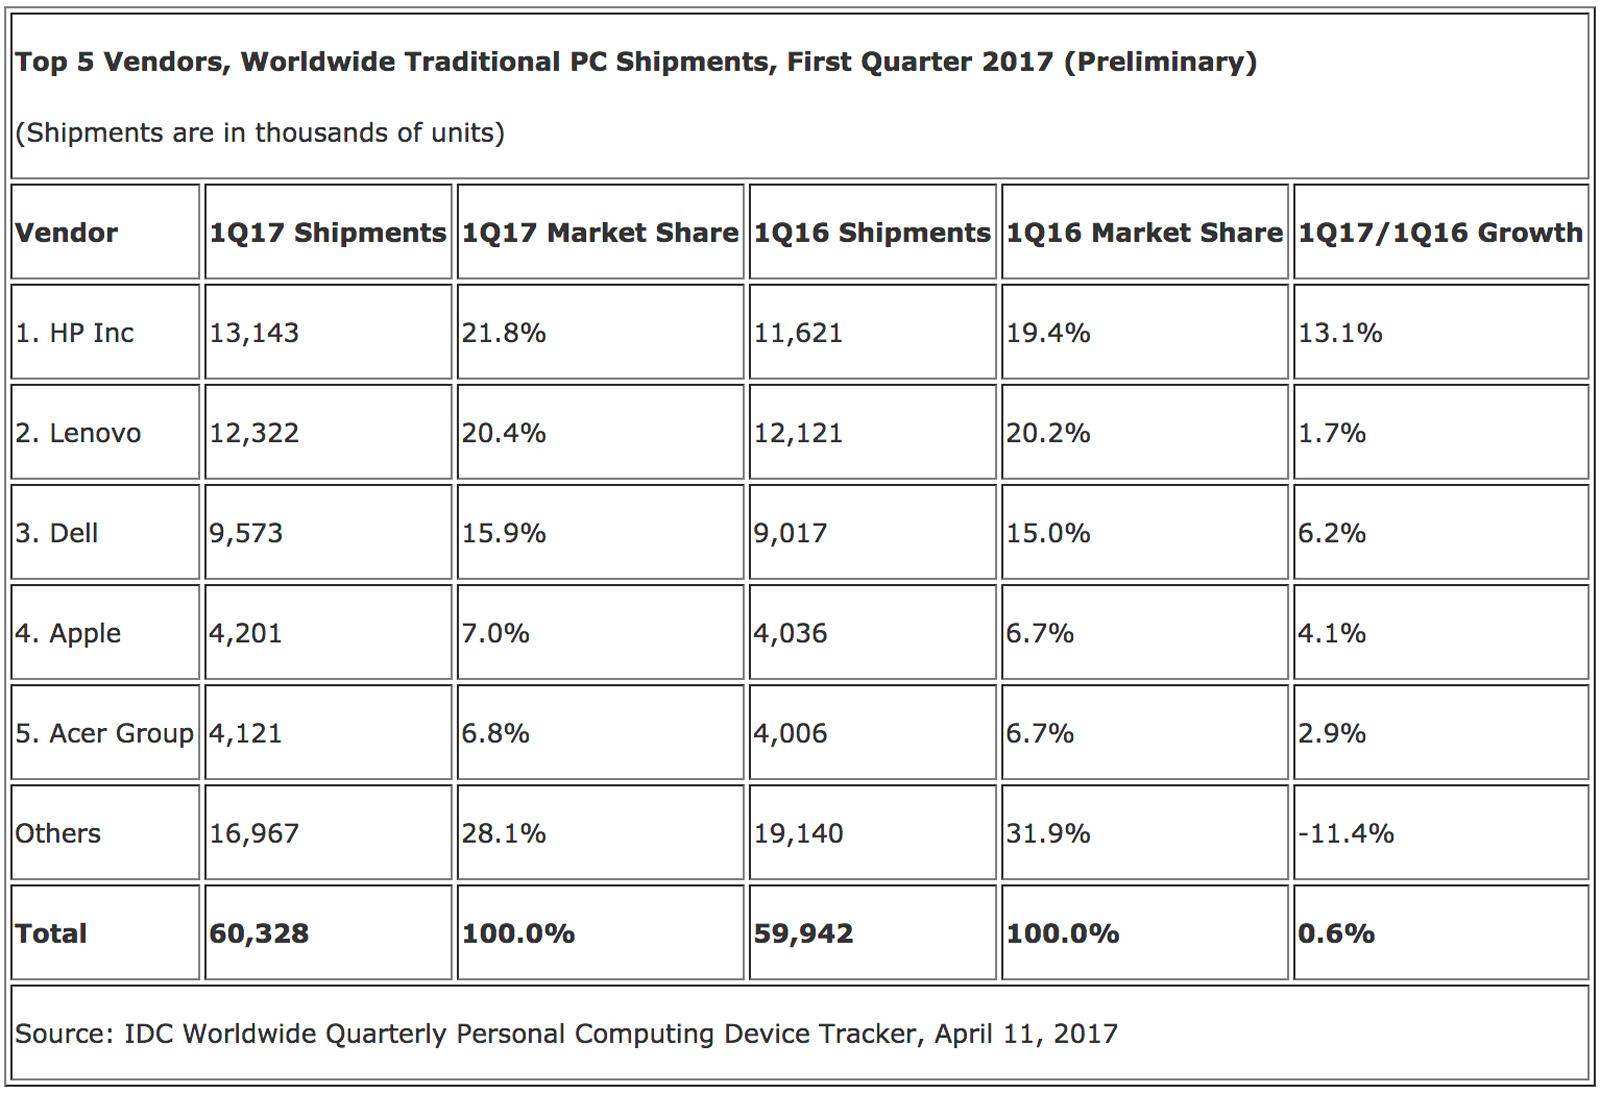 IDC's PC market share estimates for Q1 2017